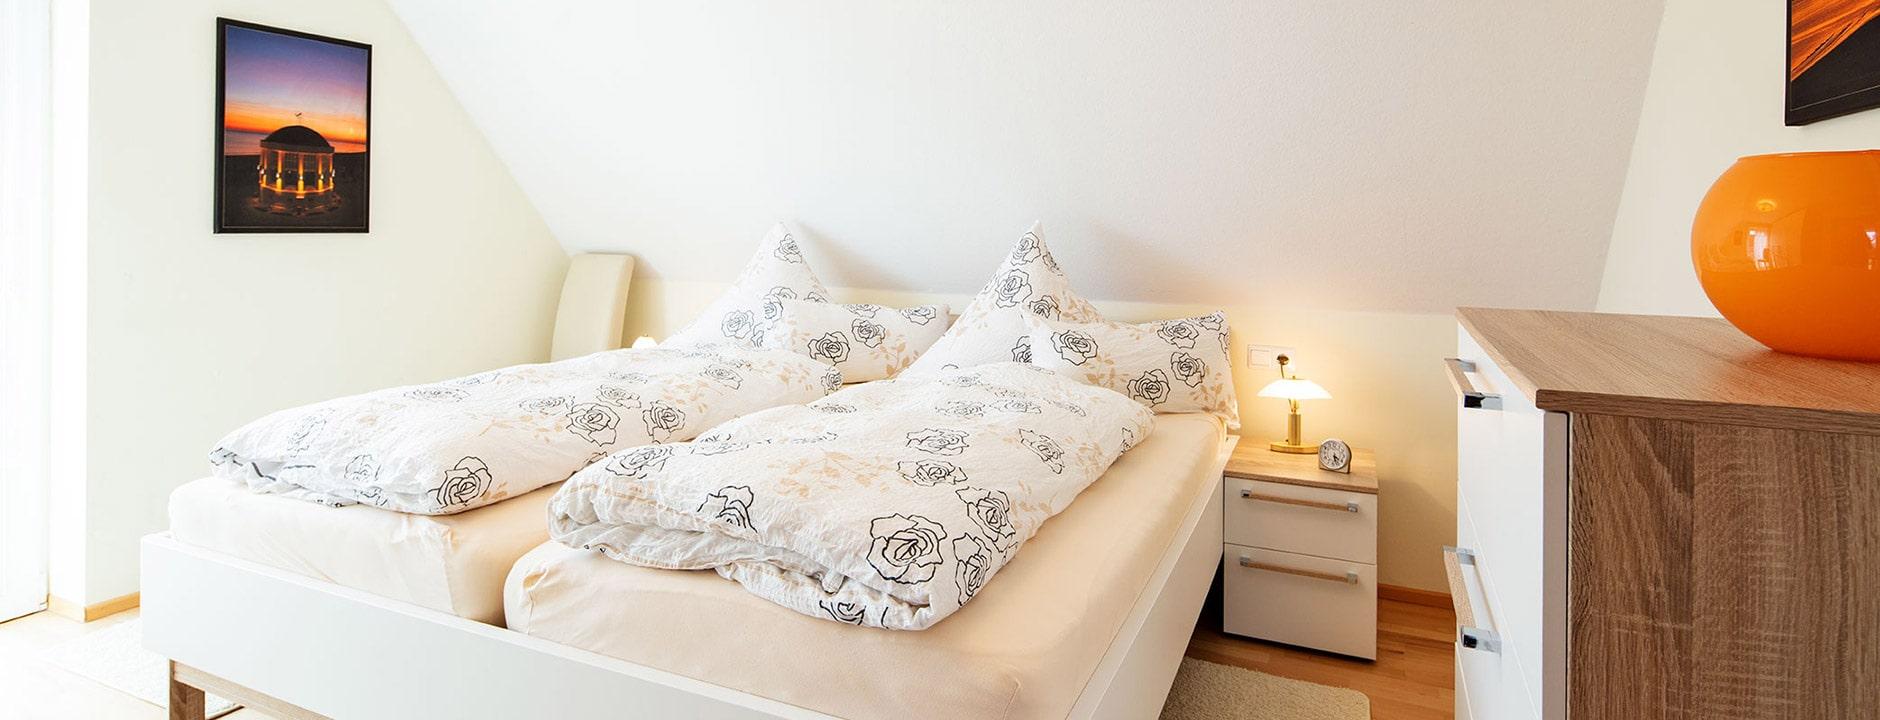 Zwei gleichwertige top-ausgestattete Schlafzimmer